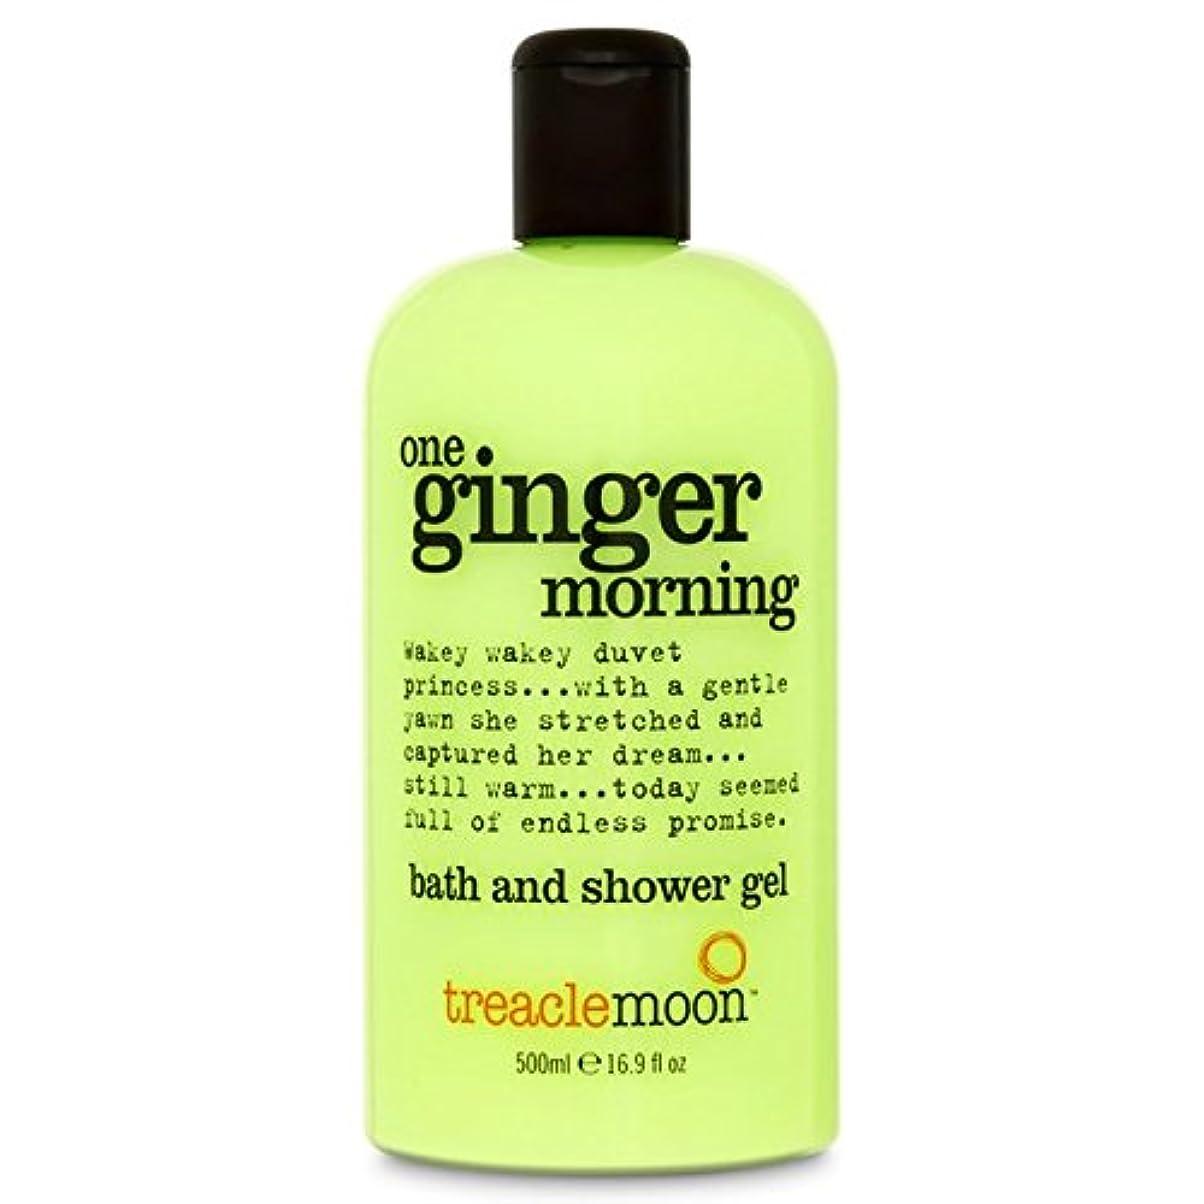 ランチ予想する鰐Treacle Moon Ginger Bath & Shower Gel 500ml - 糖蜜ムーンジンジャーバス&シャワージェル500ミリリットル [並行輸入品]